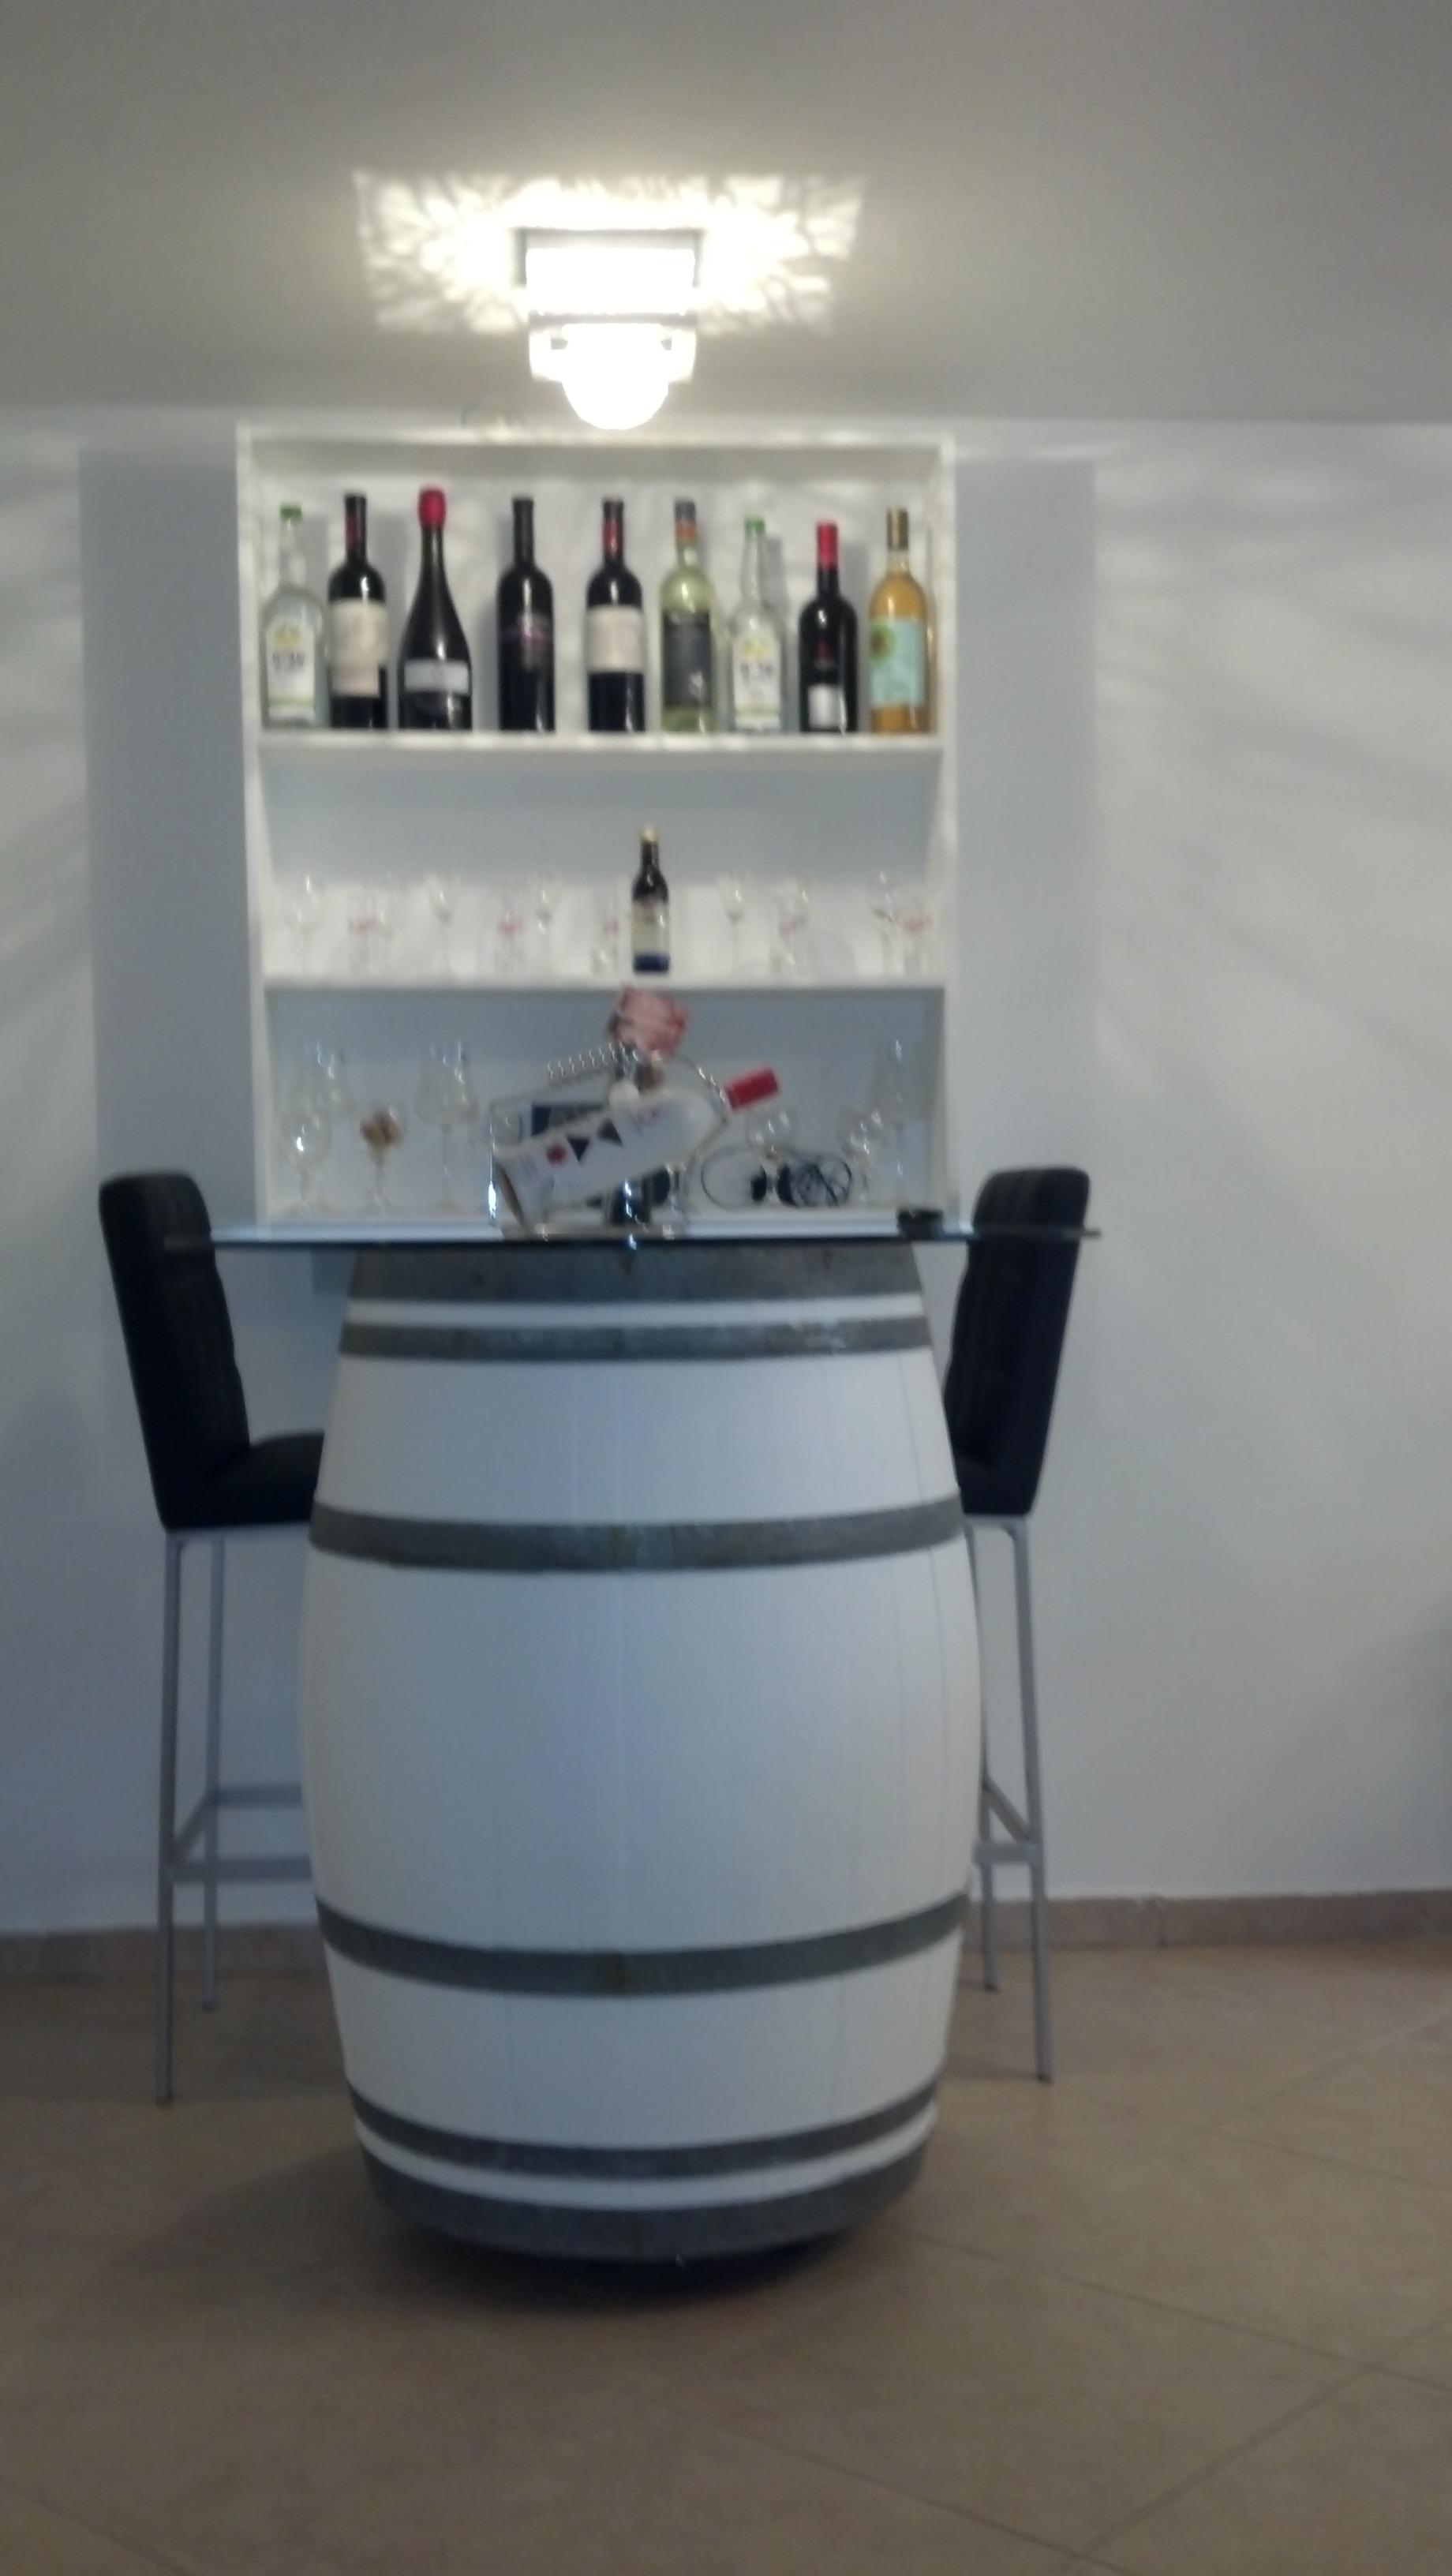 מצטיין ריהוט ואביזרי נוי   מבחר חביות יין מקוריות משומשות למכירה   נוי גן ZJ-24